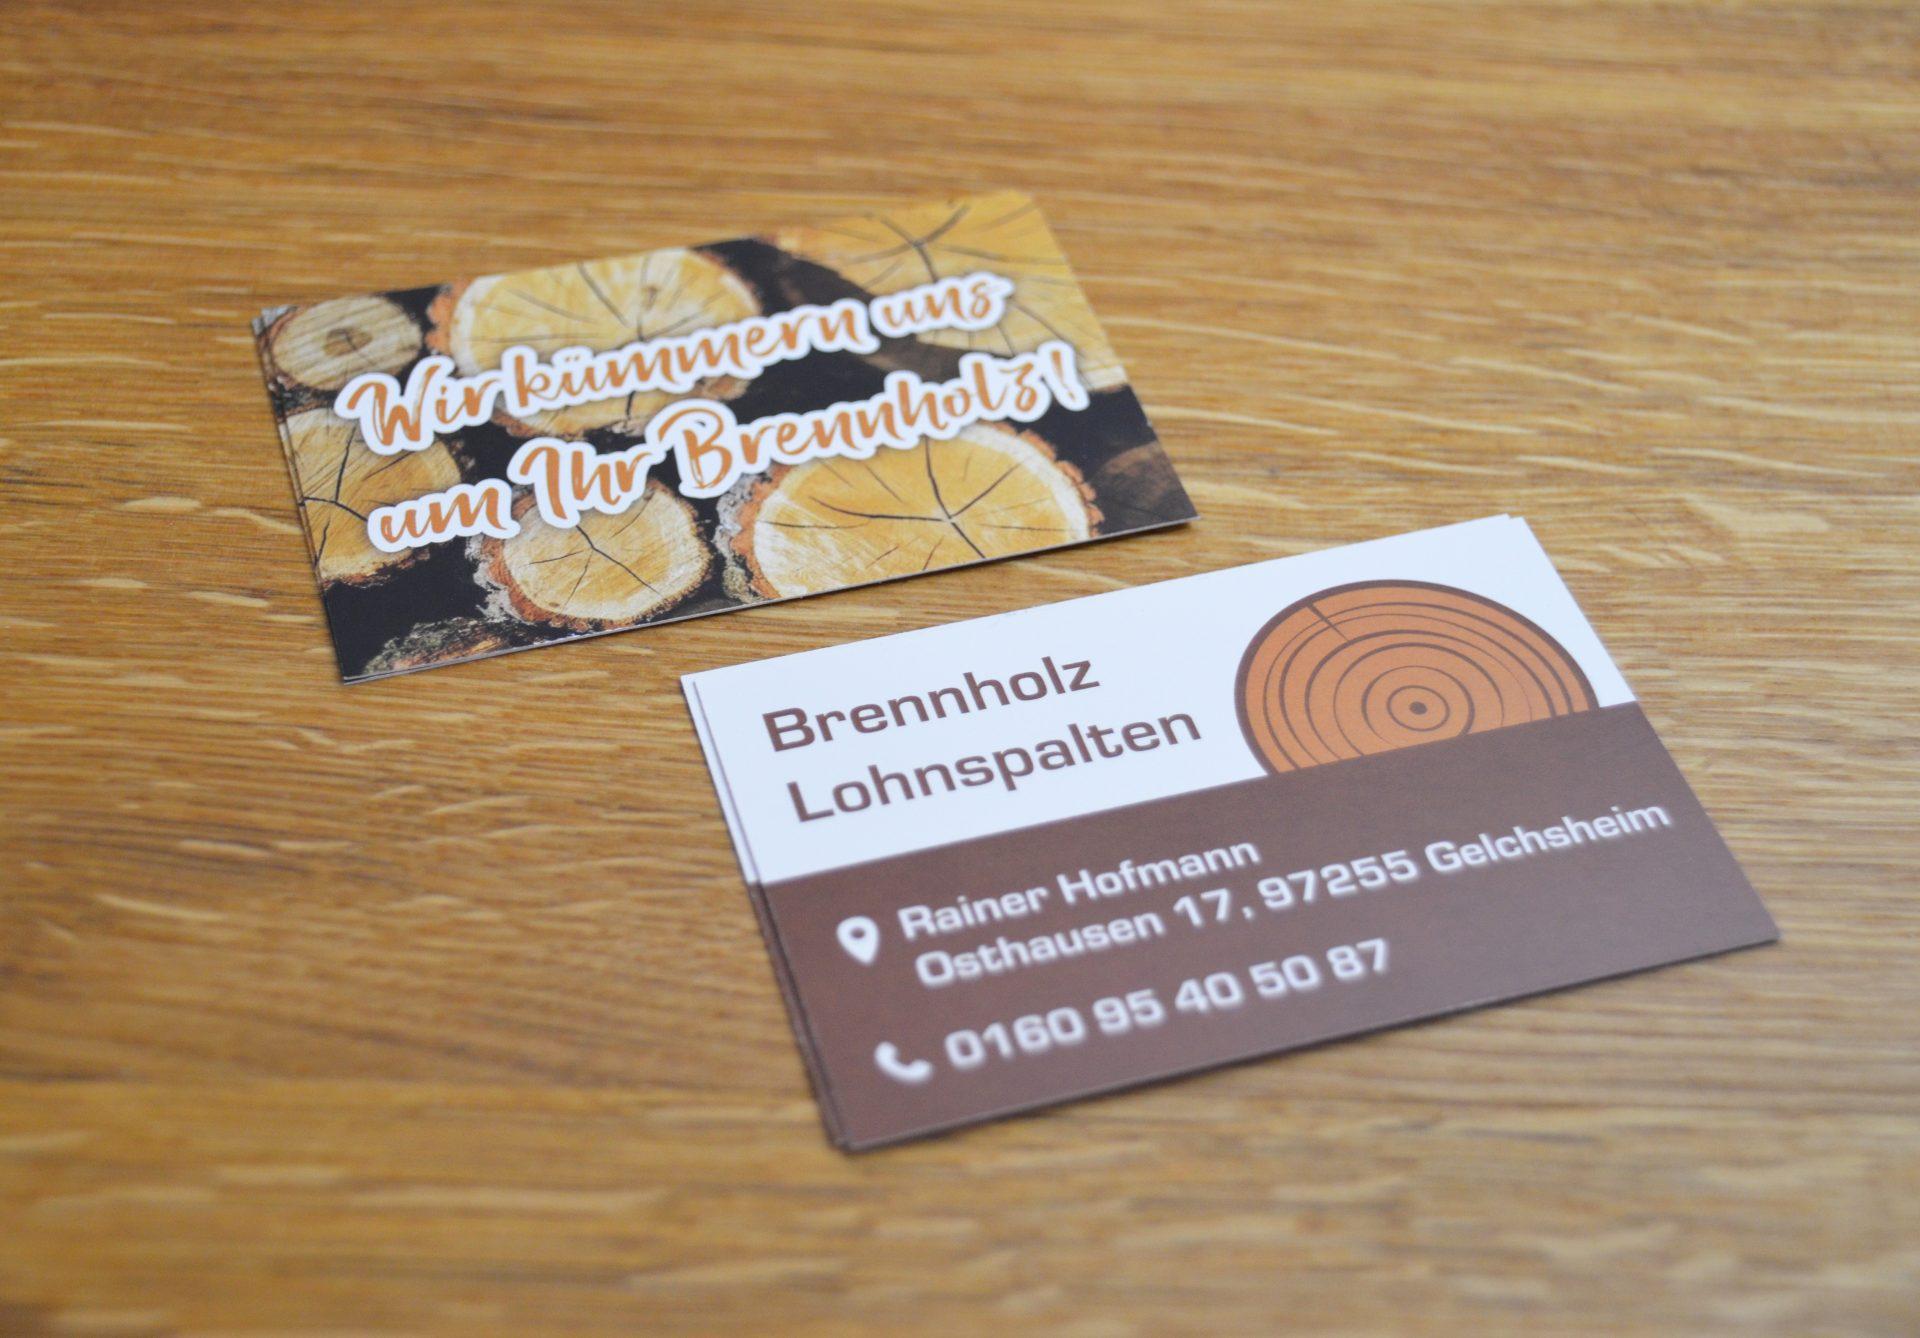 FZ Mediengestaltung - Visitenkarte Brennholz und Lohnspalten